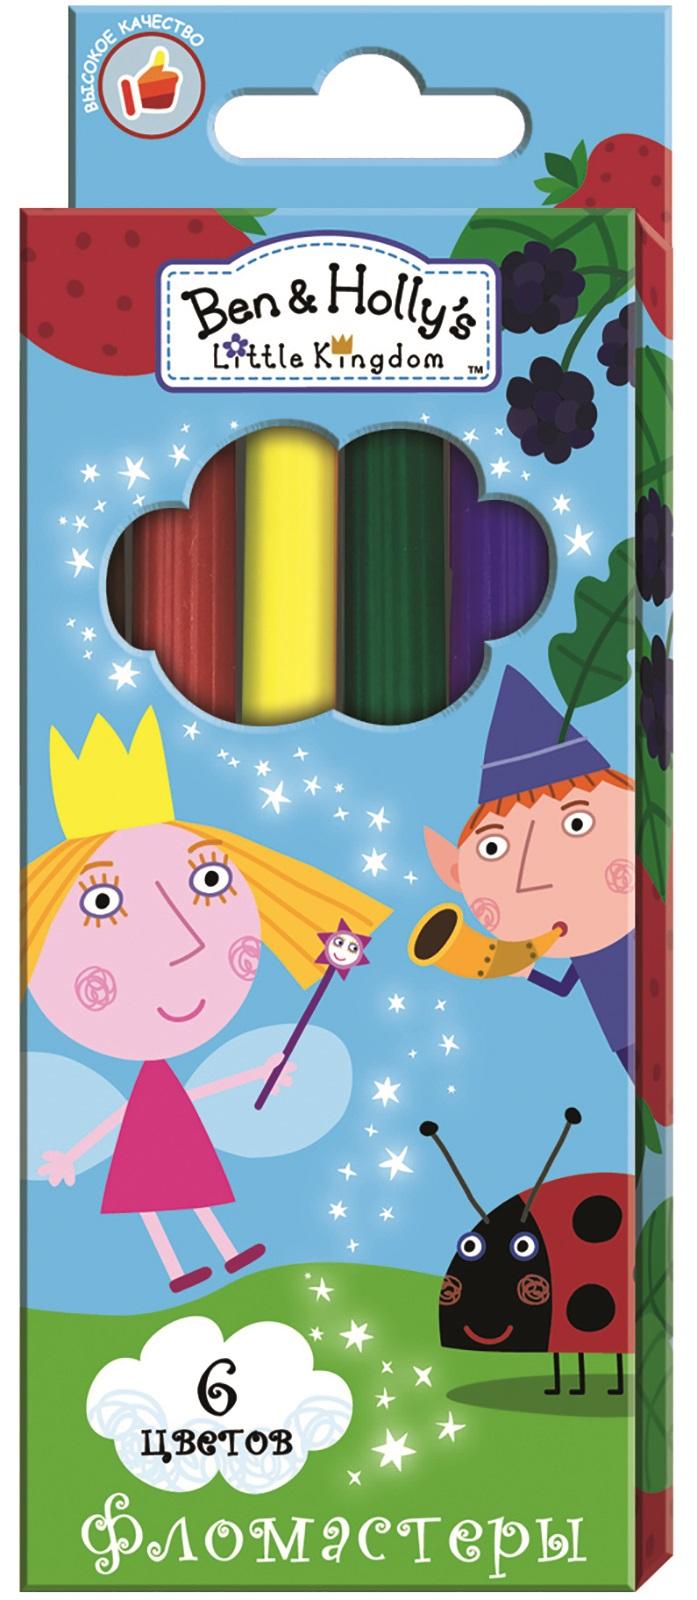 Ben&Holly Набор фломастеров Бен и Холли 6 цветов2569/10Фломастеры ТМ Бен и Холли, идеально подходящие для рисования и раскрашивания, помогут вашему ребенку создавать яркие картинки, аупаковка с любимыми героями будет долгое время радовать юного художника. В набор входит 6 разноцветных фломастеров с вентилируемымиколпачками, безопасными для детей.Диаметр корпуса: 0,8 см; длина: 13,5 см.Фломастеры изготовлены из материала,обеспечивающего прочность корпуса и препятствующего испарению чернил, благодаря этому они имеют гарантированно долгий срок службы:корпус не ломается, даже если согнуть фломастер пополам.Состав: ПВХ, пластик, чернила на водной основе.